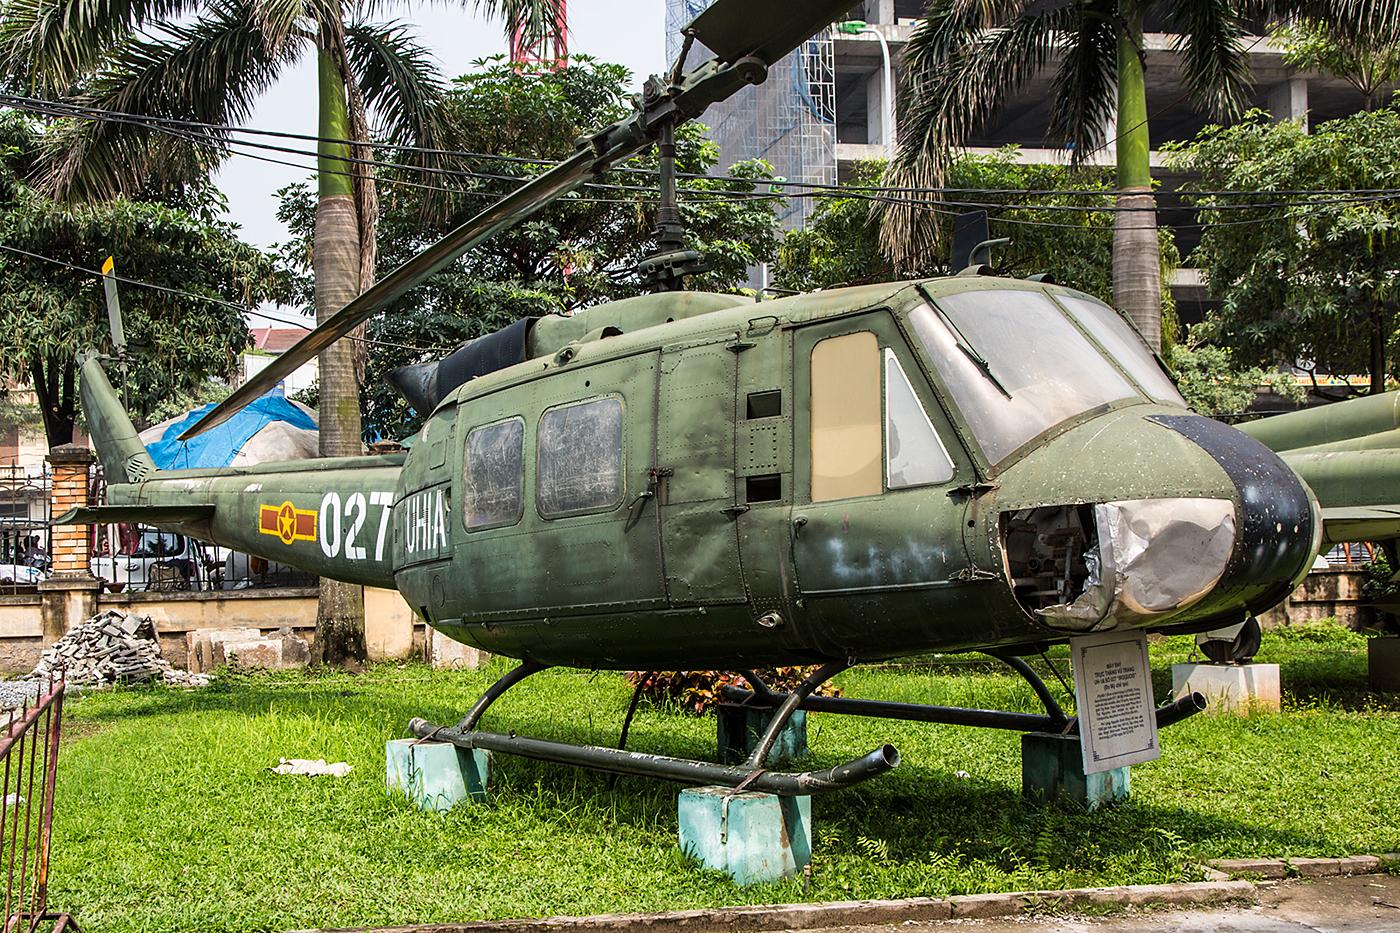 Diese Bell UH-1D war sicher auch schon mal in besserem Zustand.